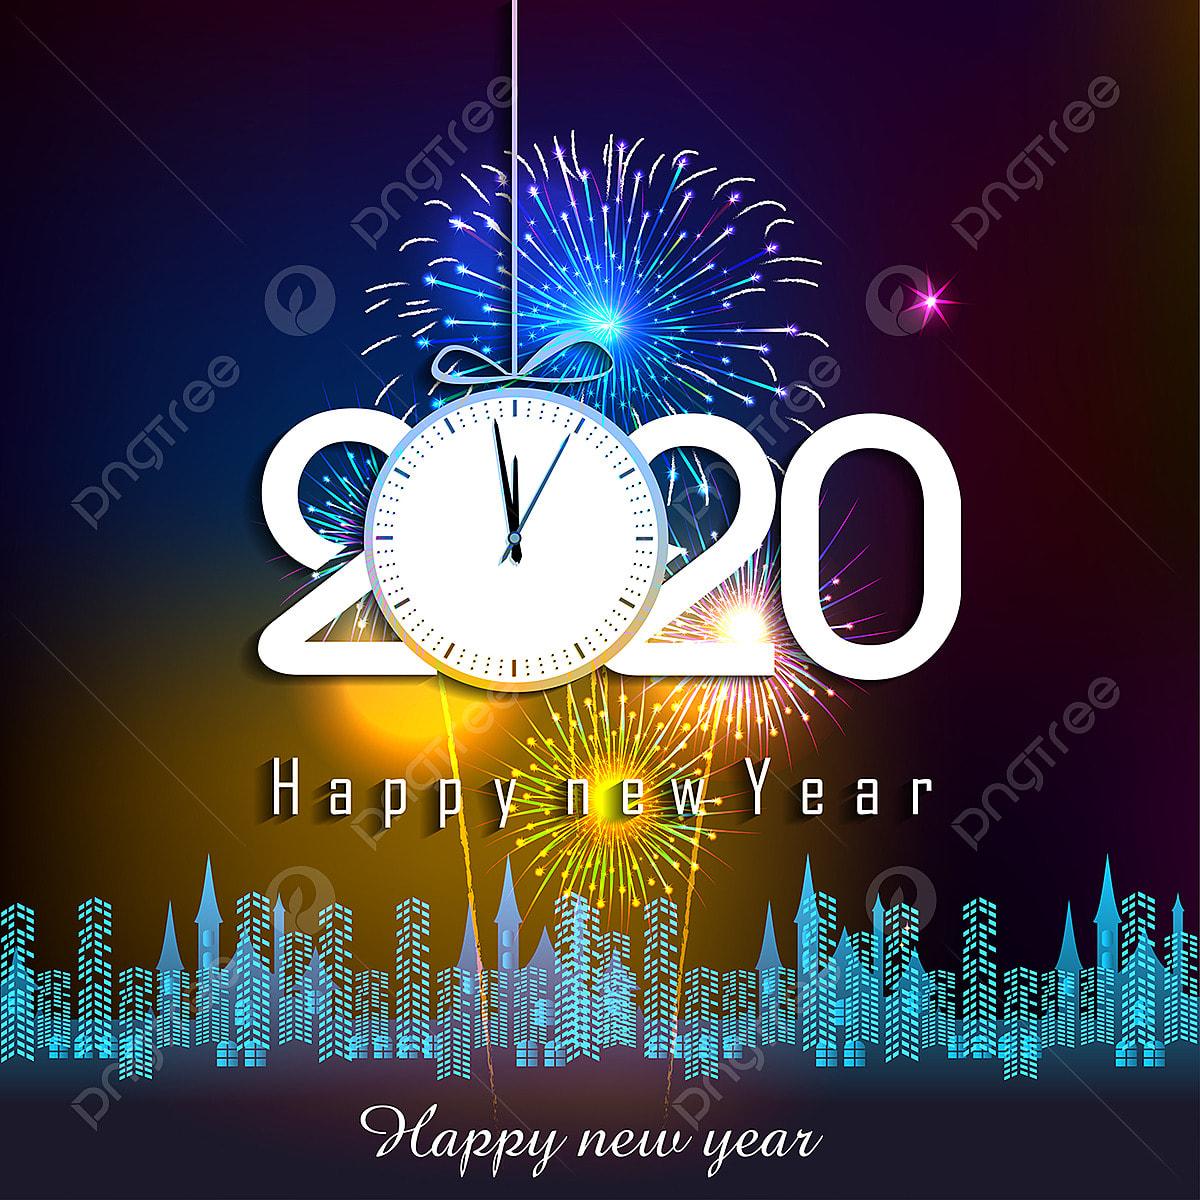 Calendrier Feu D Artifice 2020.Heureuse Nouvelle Annee 2020 Historique Avec Des Feux D